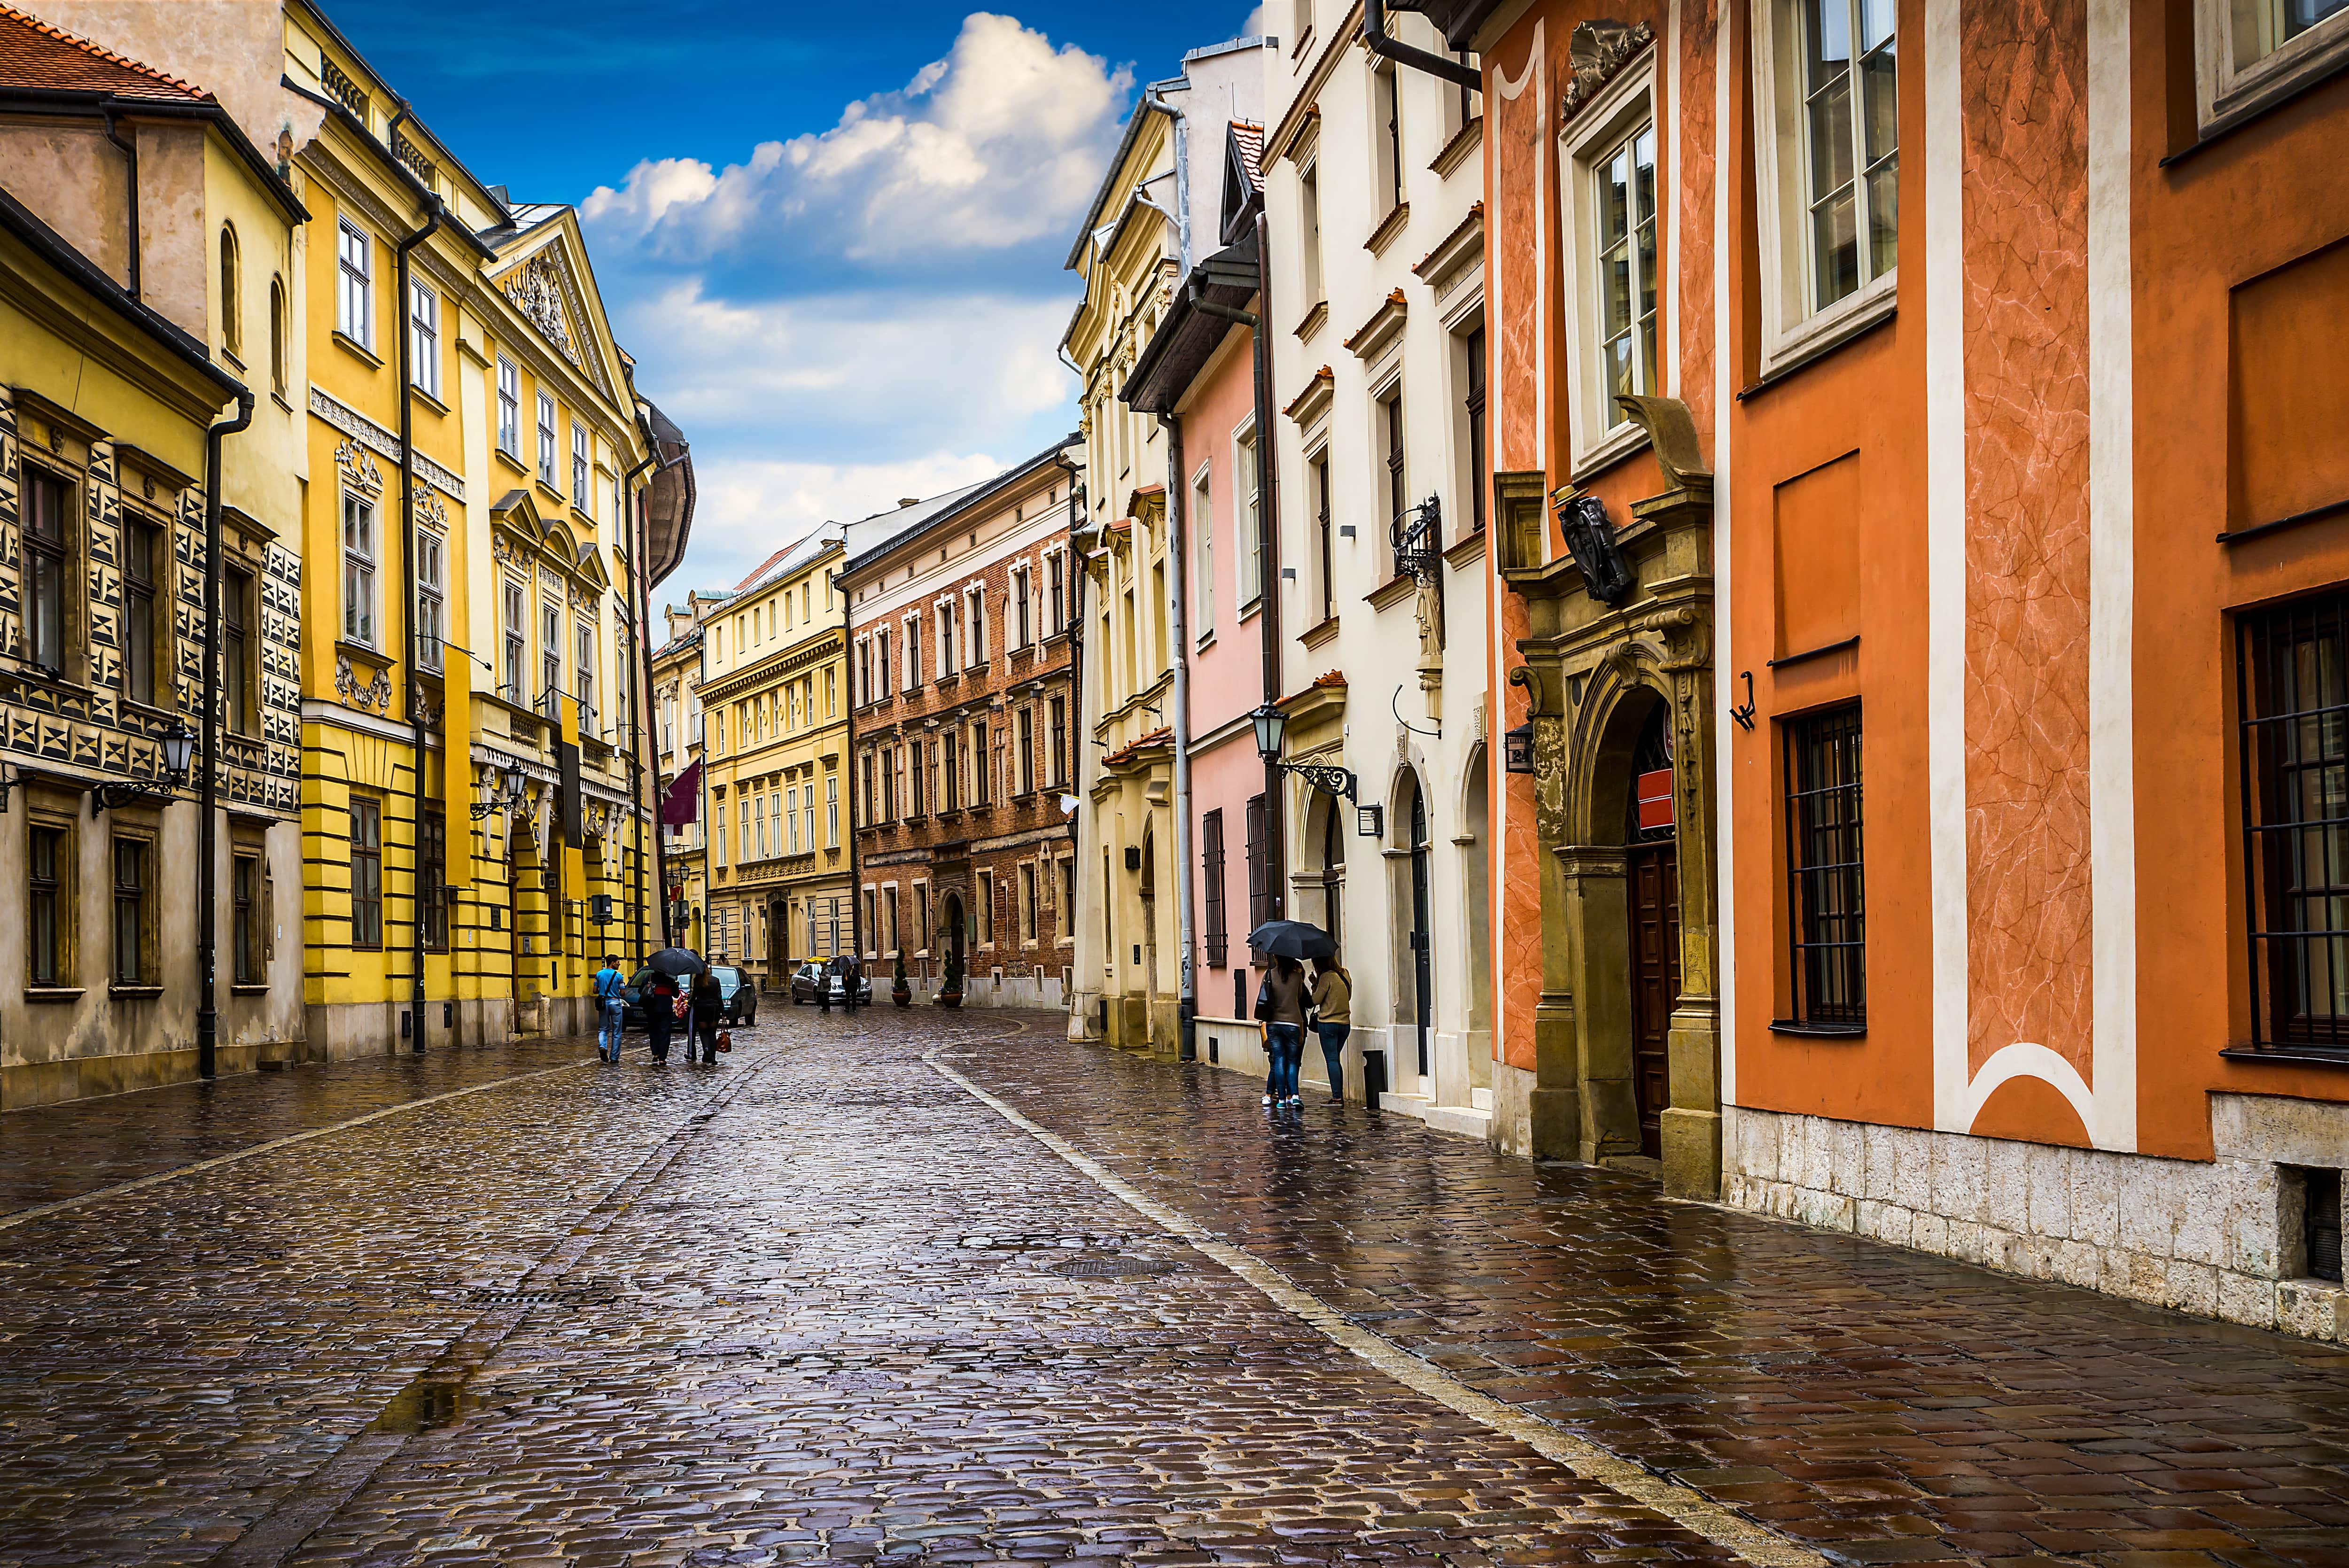 Historic center of krakow